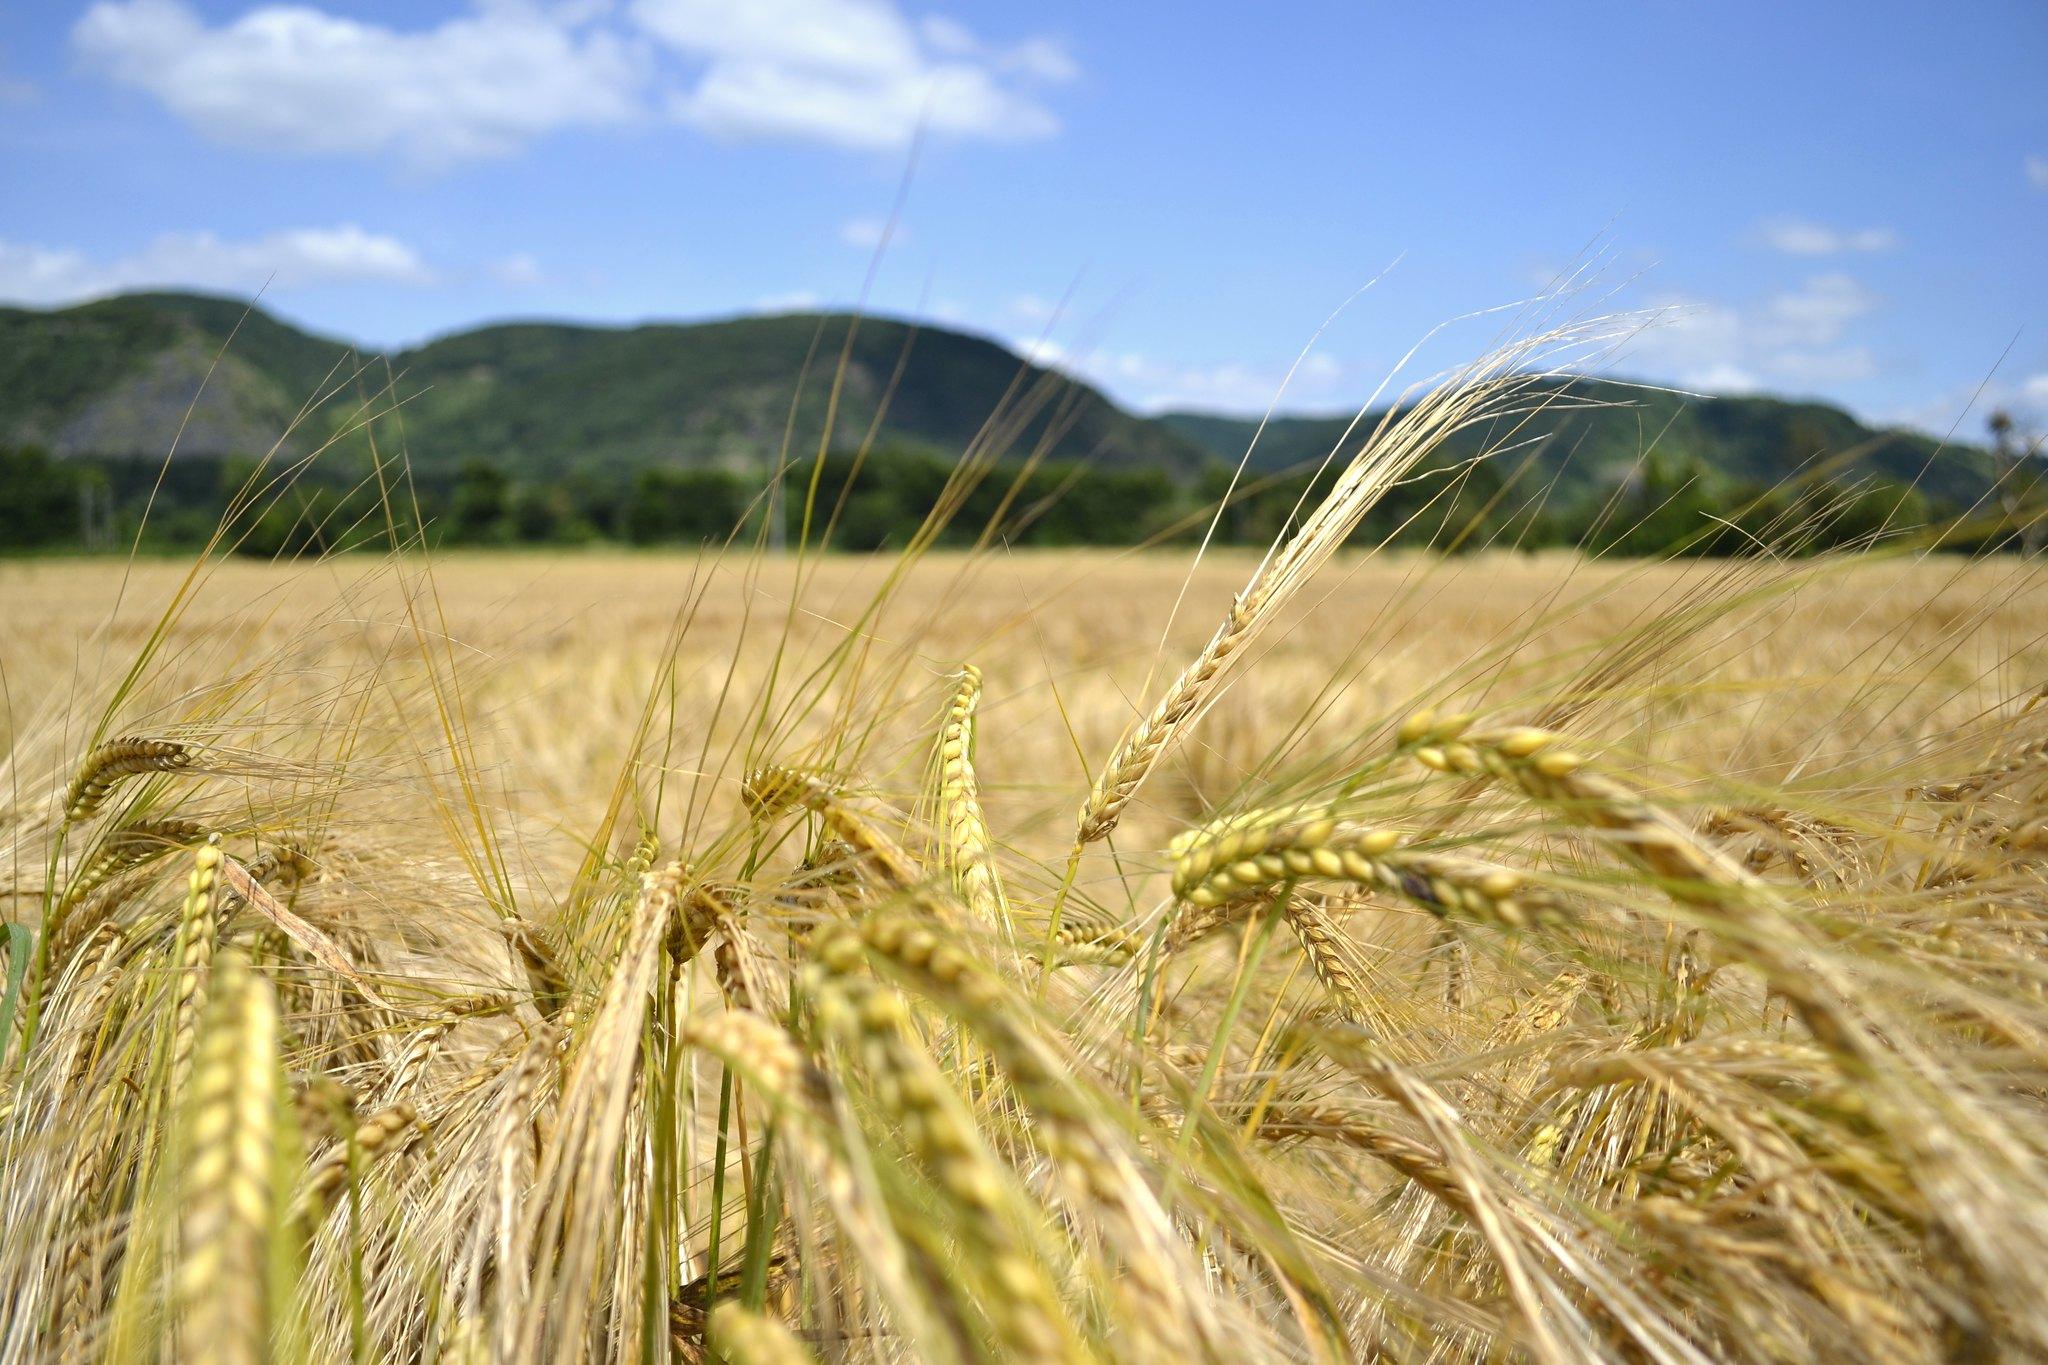 So fängt es an mit dem Brot. (Bildbeschreibung: Nahaufnahme von goldgelben, reifen Getreideähren vor einem Getreidefeld. Dahinter erscheinen unscharf die Berge nördlich von Leutesdorf am Mittelrhein.)